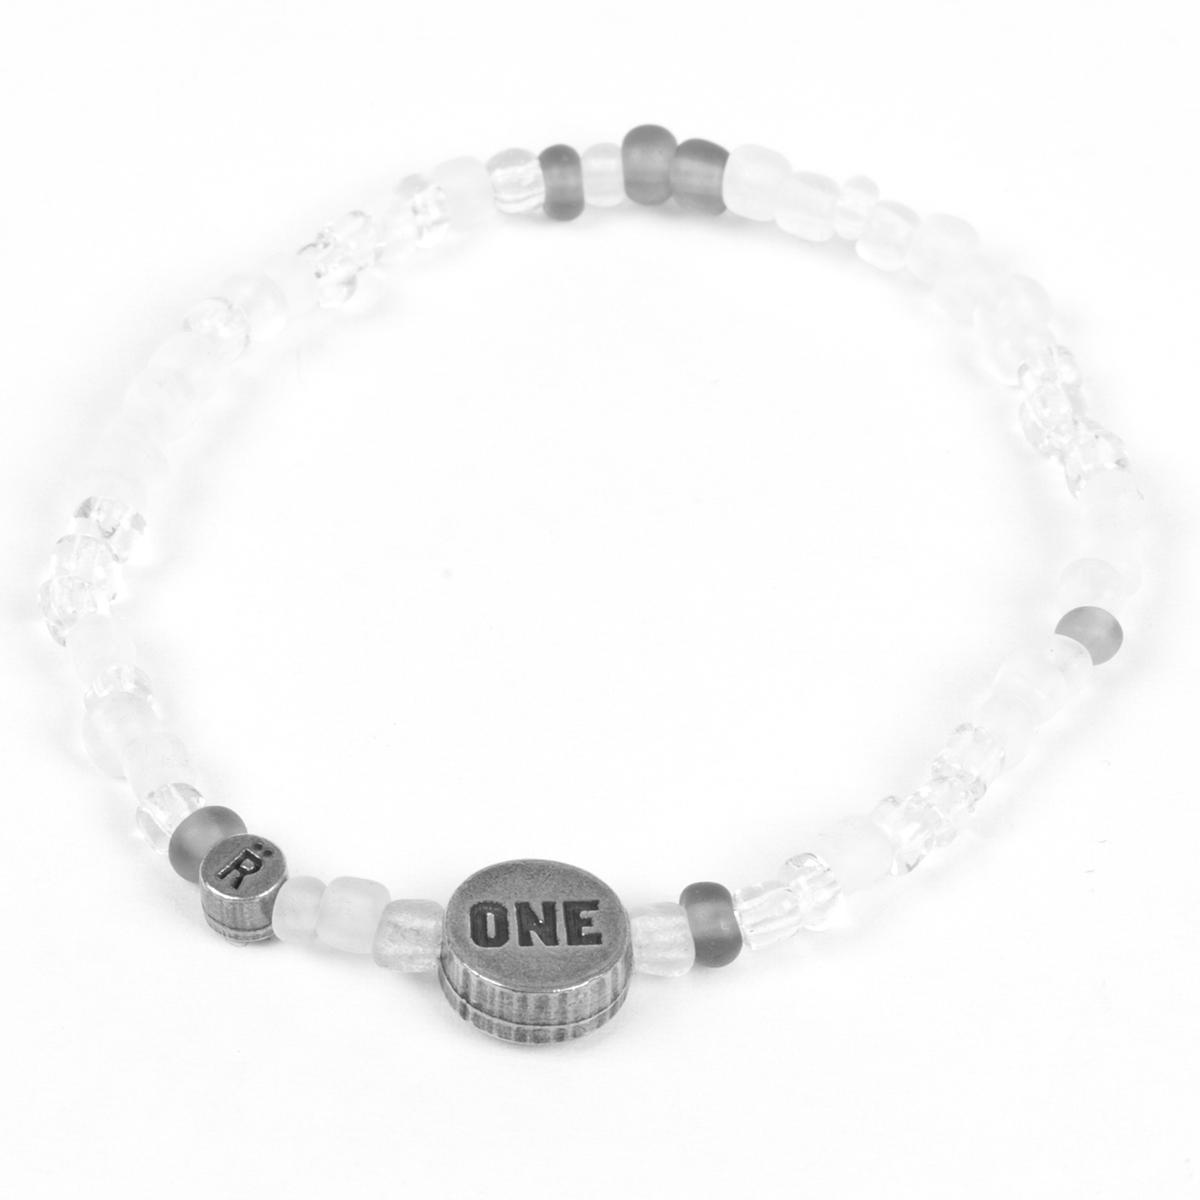 ONE Bracelets - Packs of 10